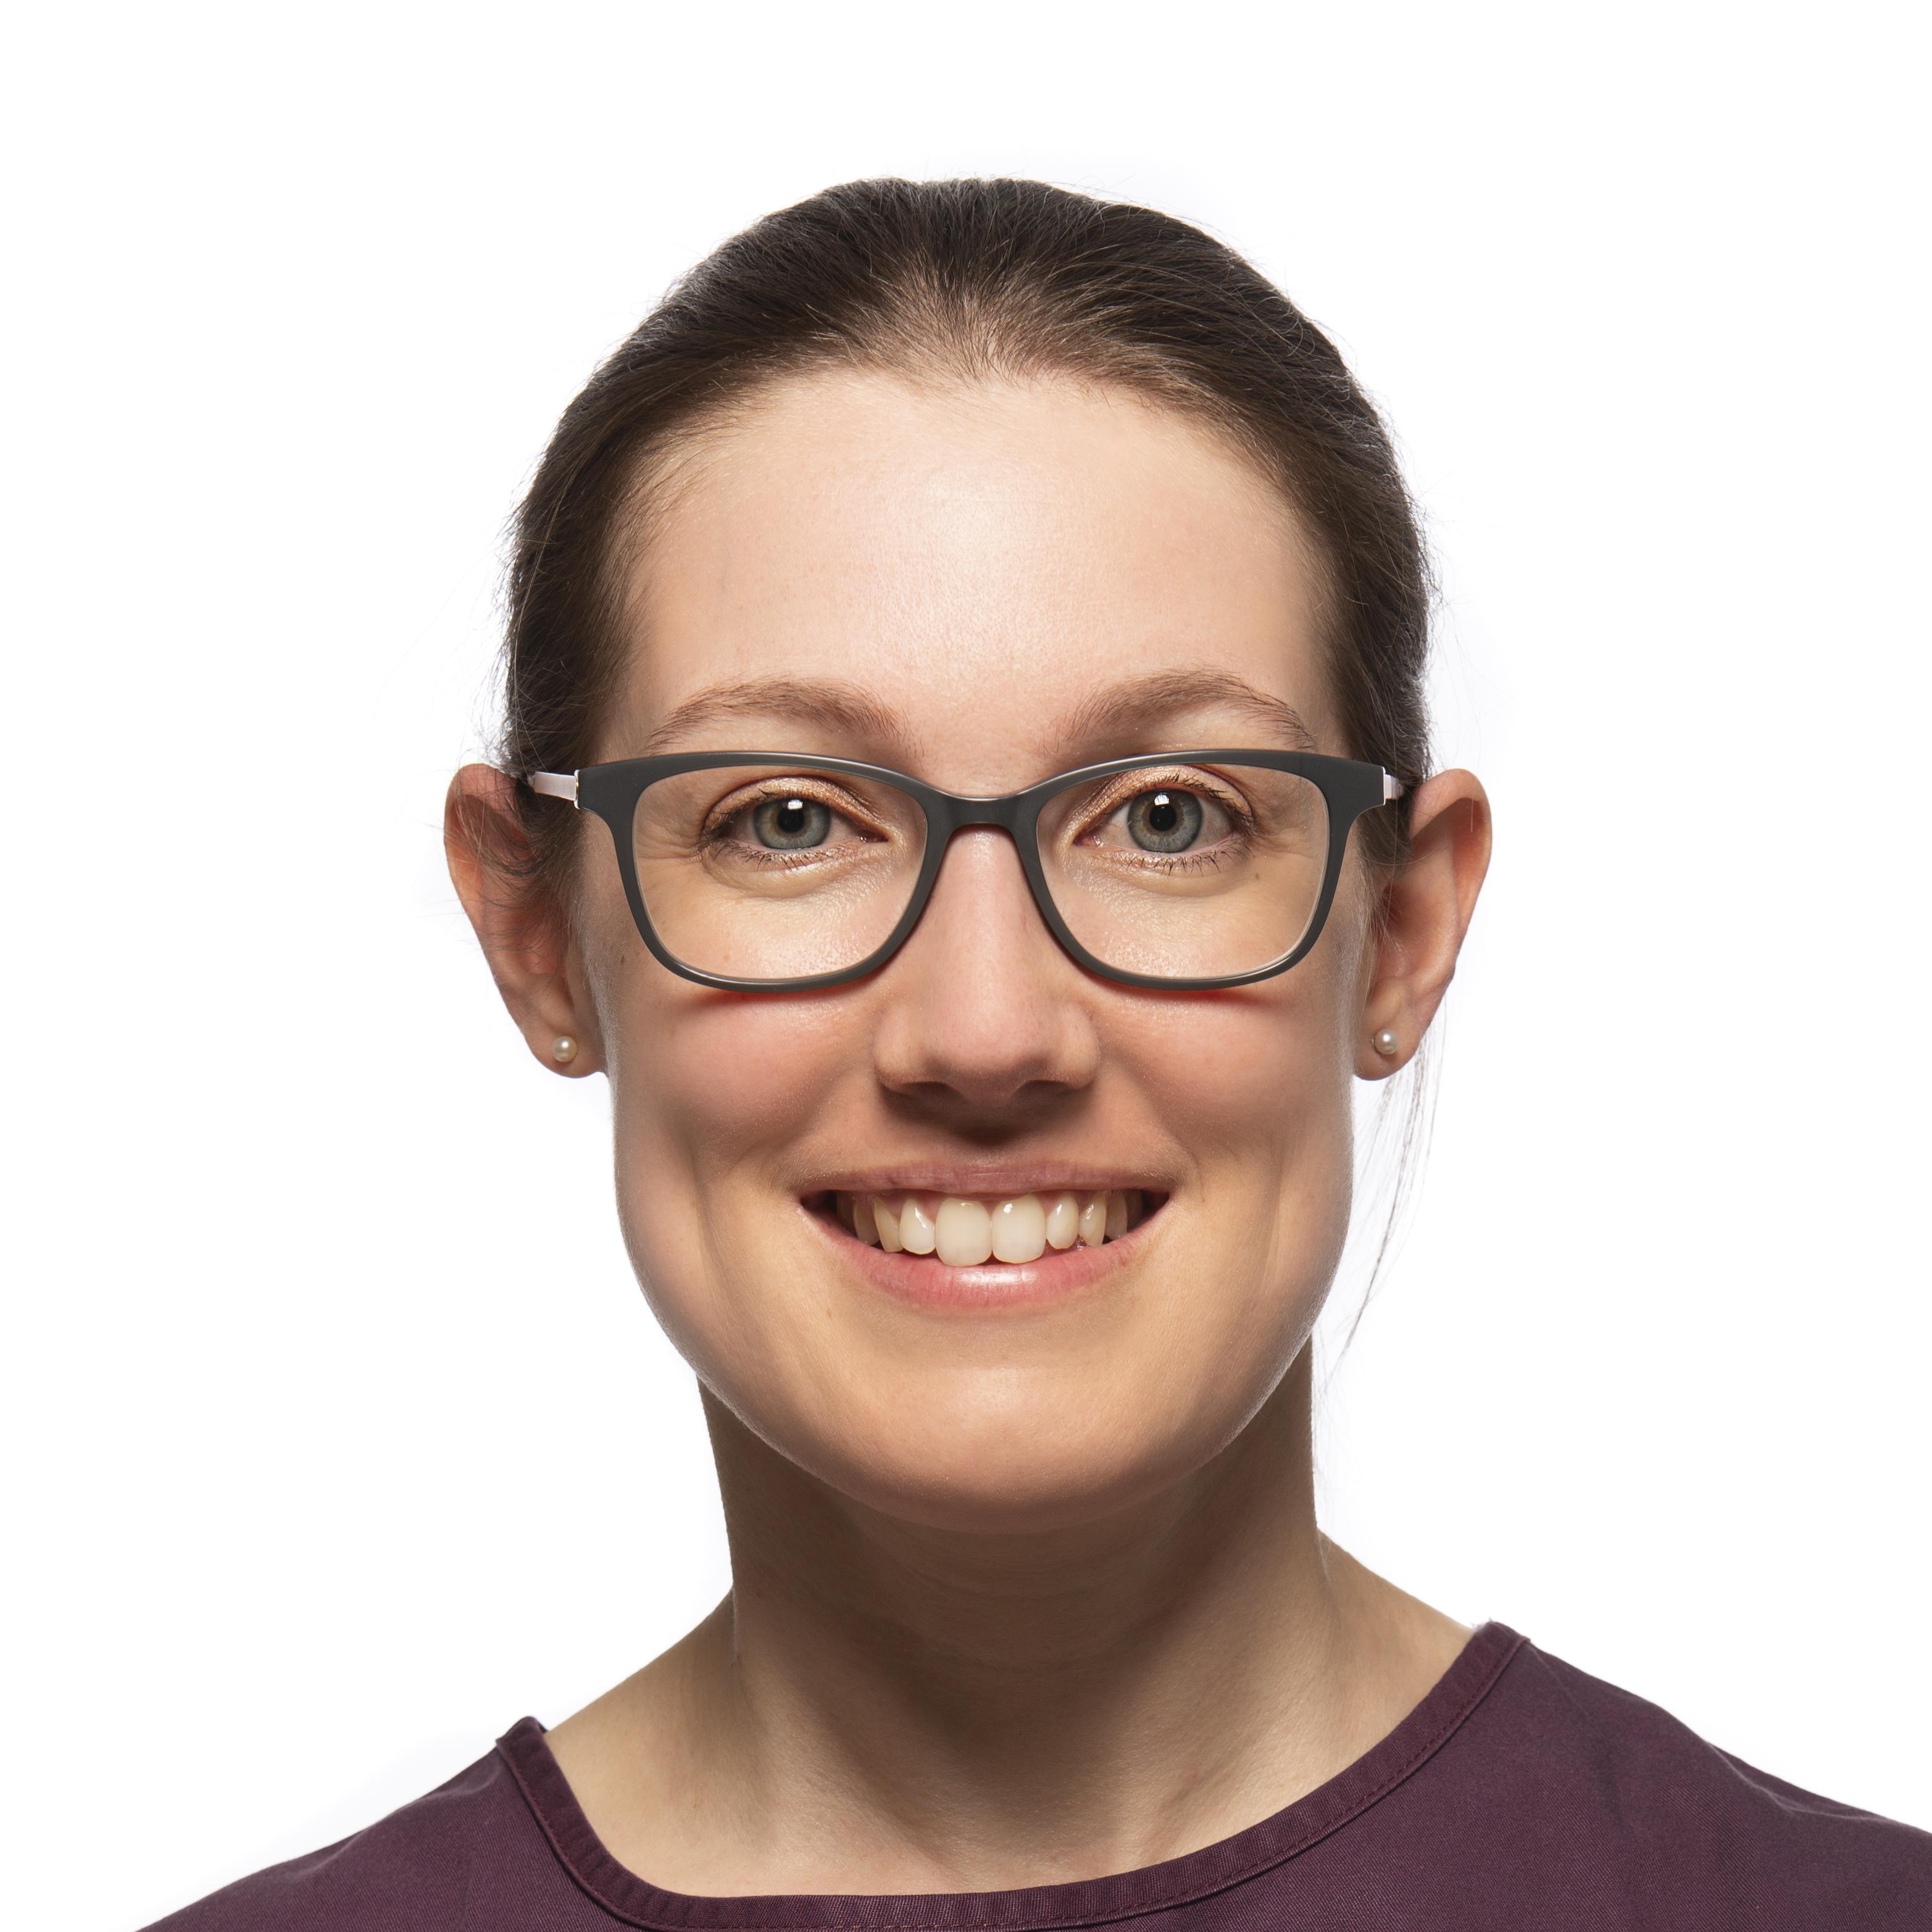 Melanie Wetter